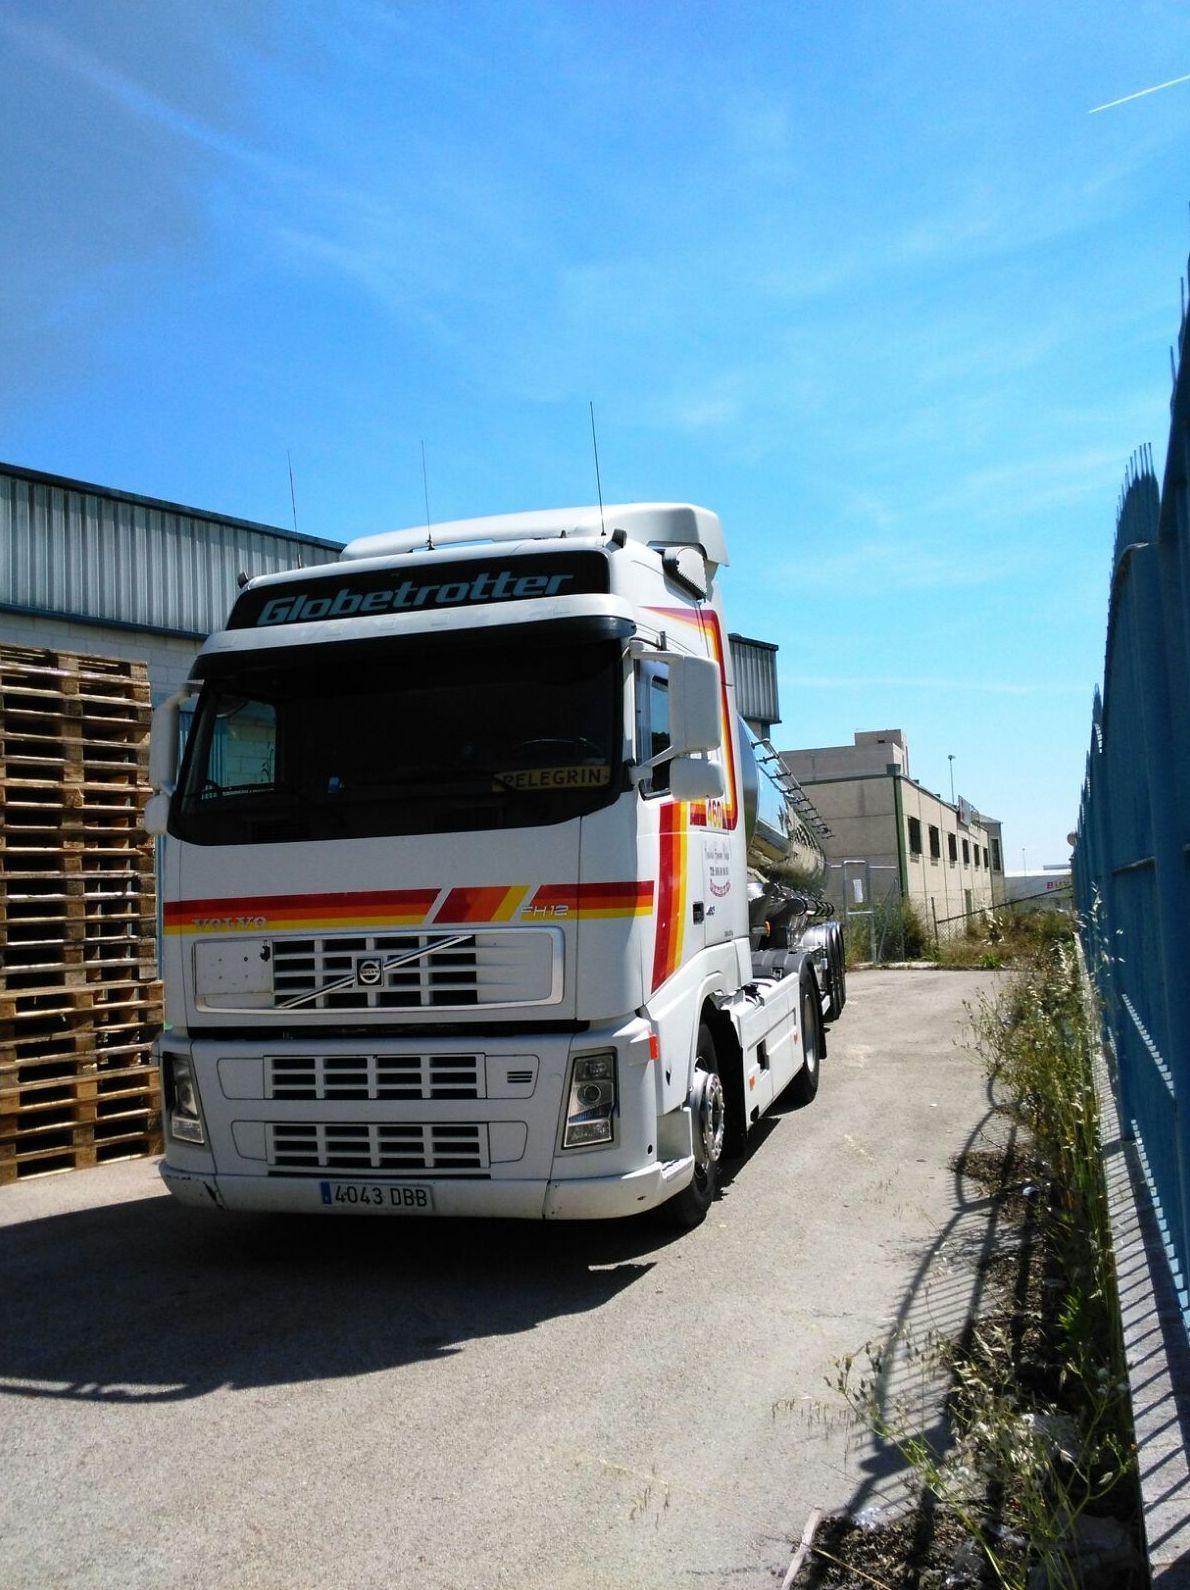 Foto 14 de Transporte de mercancías alimenticias en Sanlúcar de Barrameda   Transportes Cristobal  Guerrero Villalar